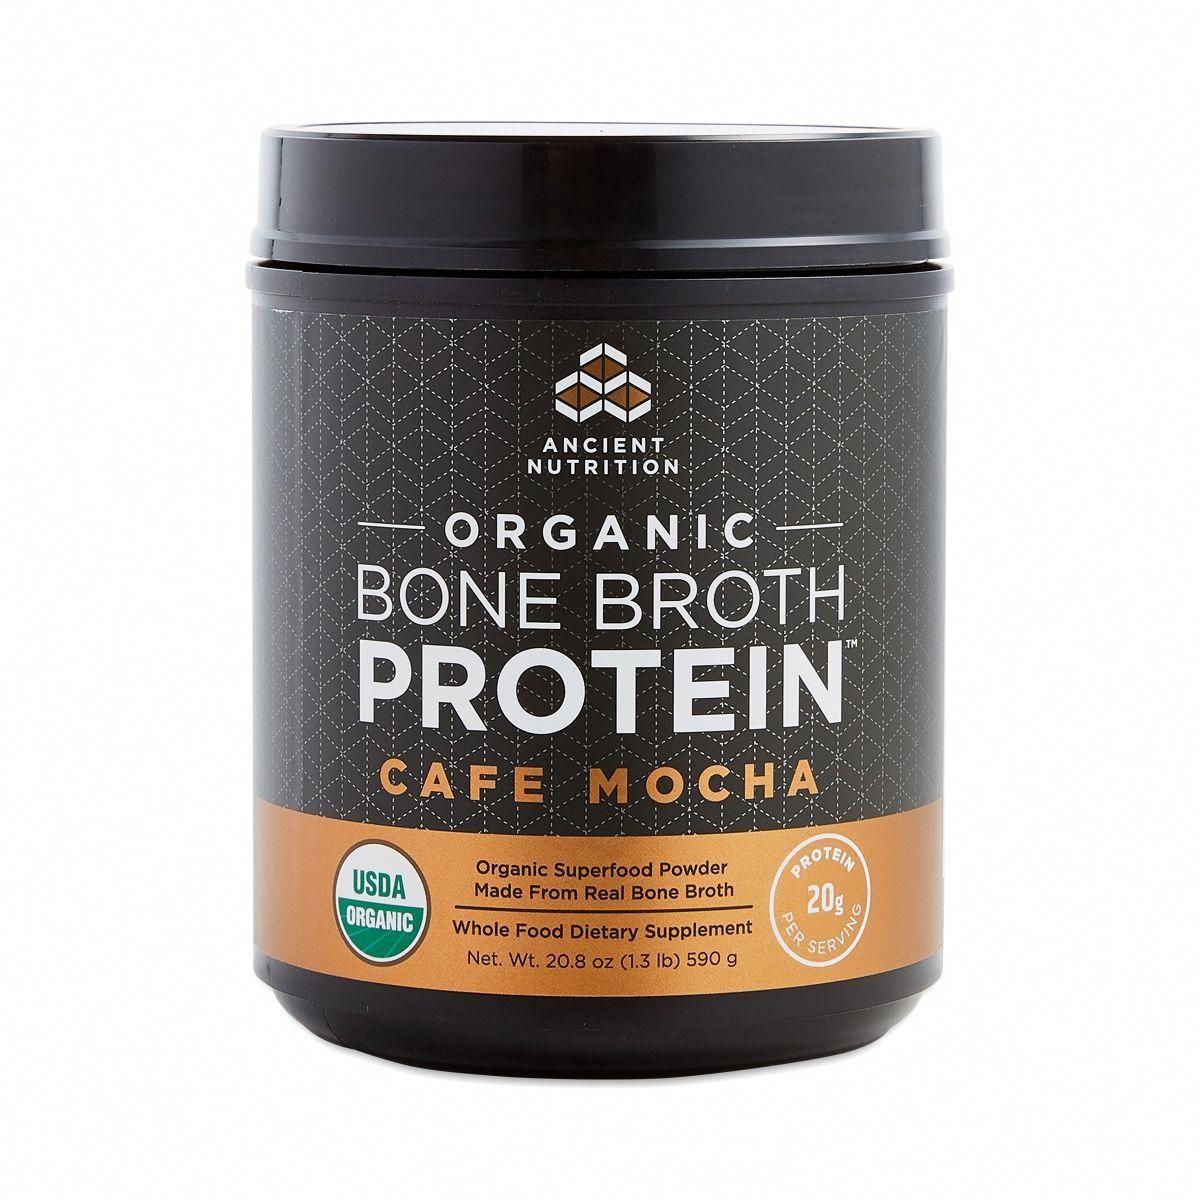 Ancient nutrition organic bone broth protein cafe mocha